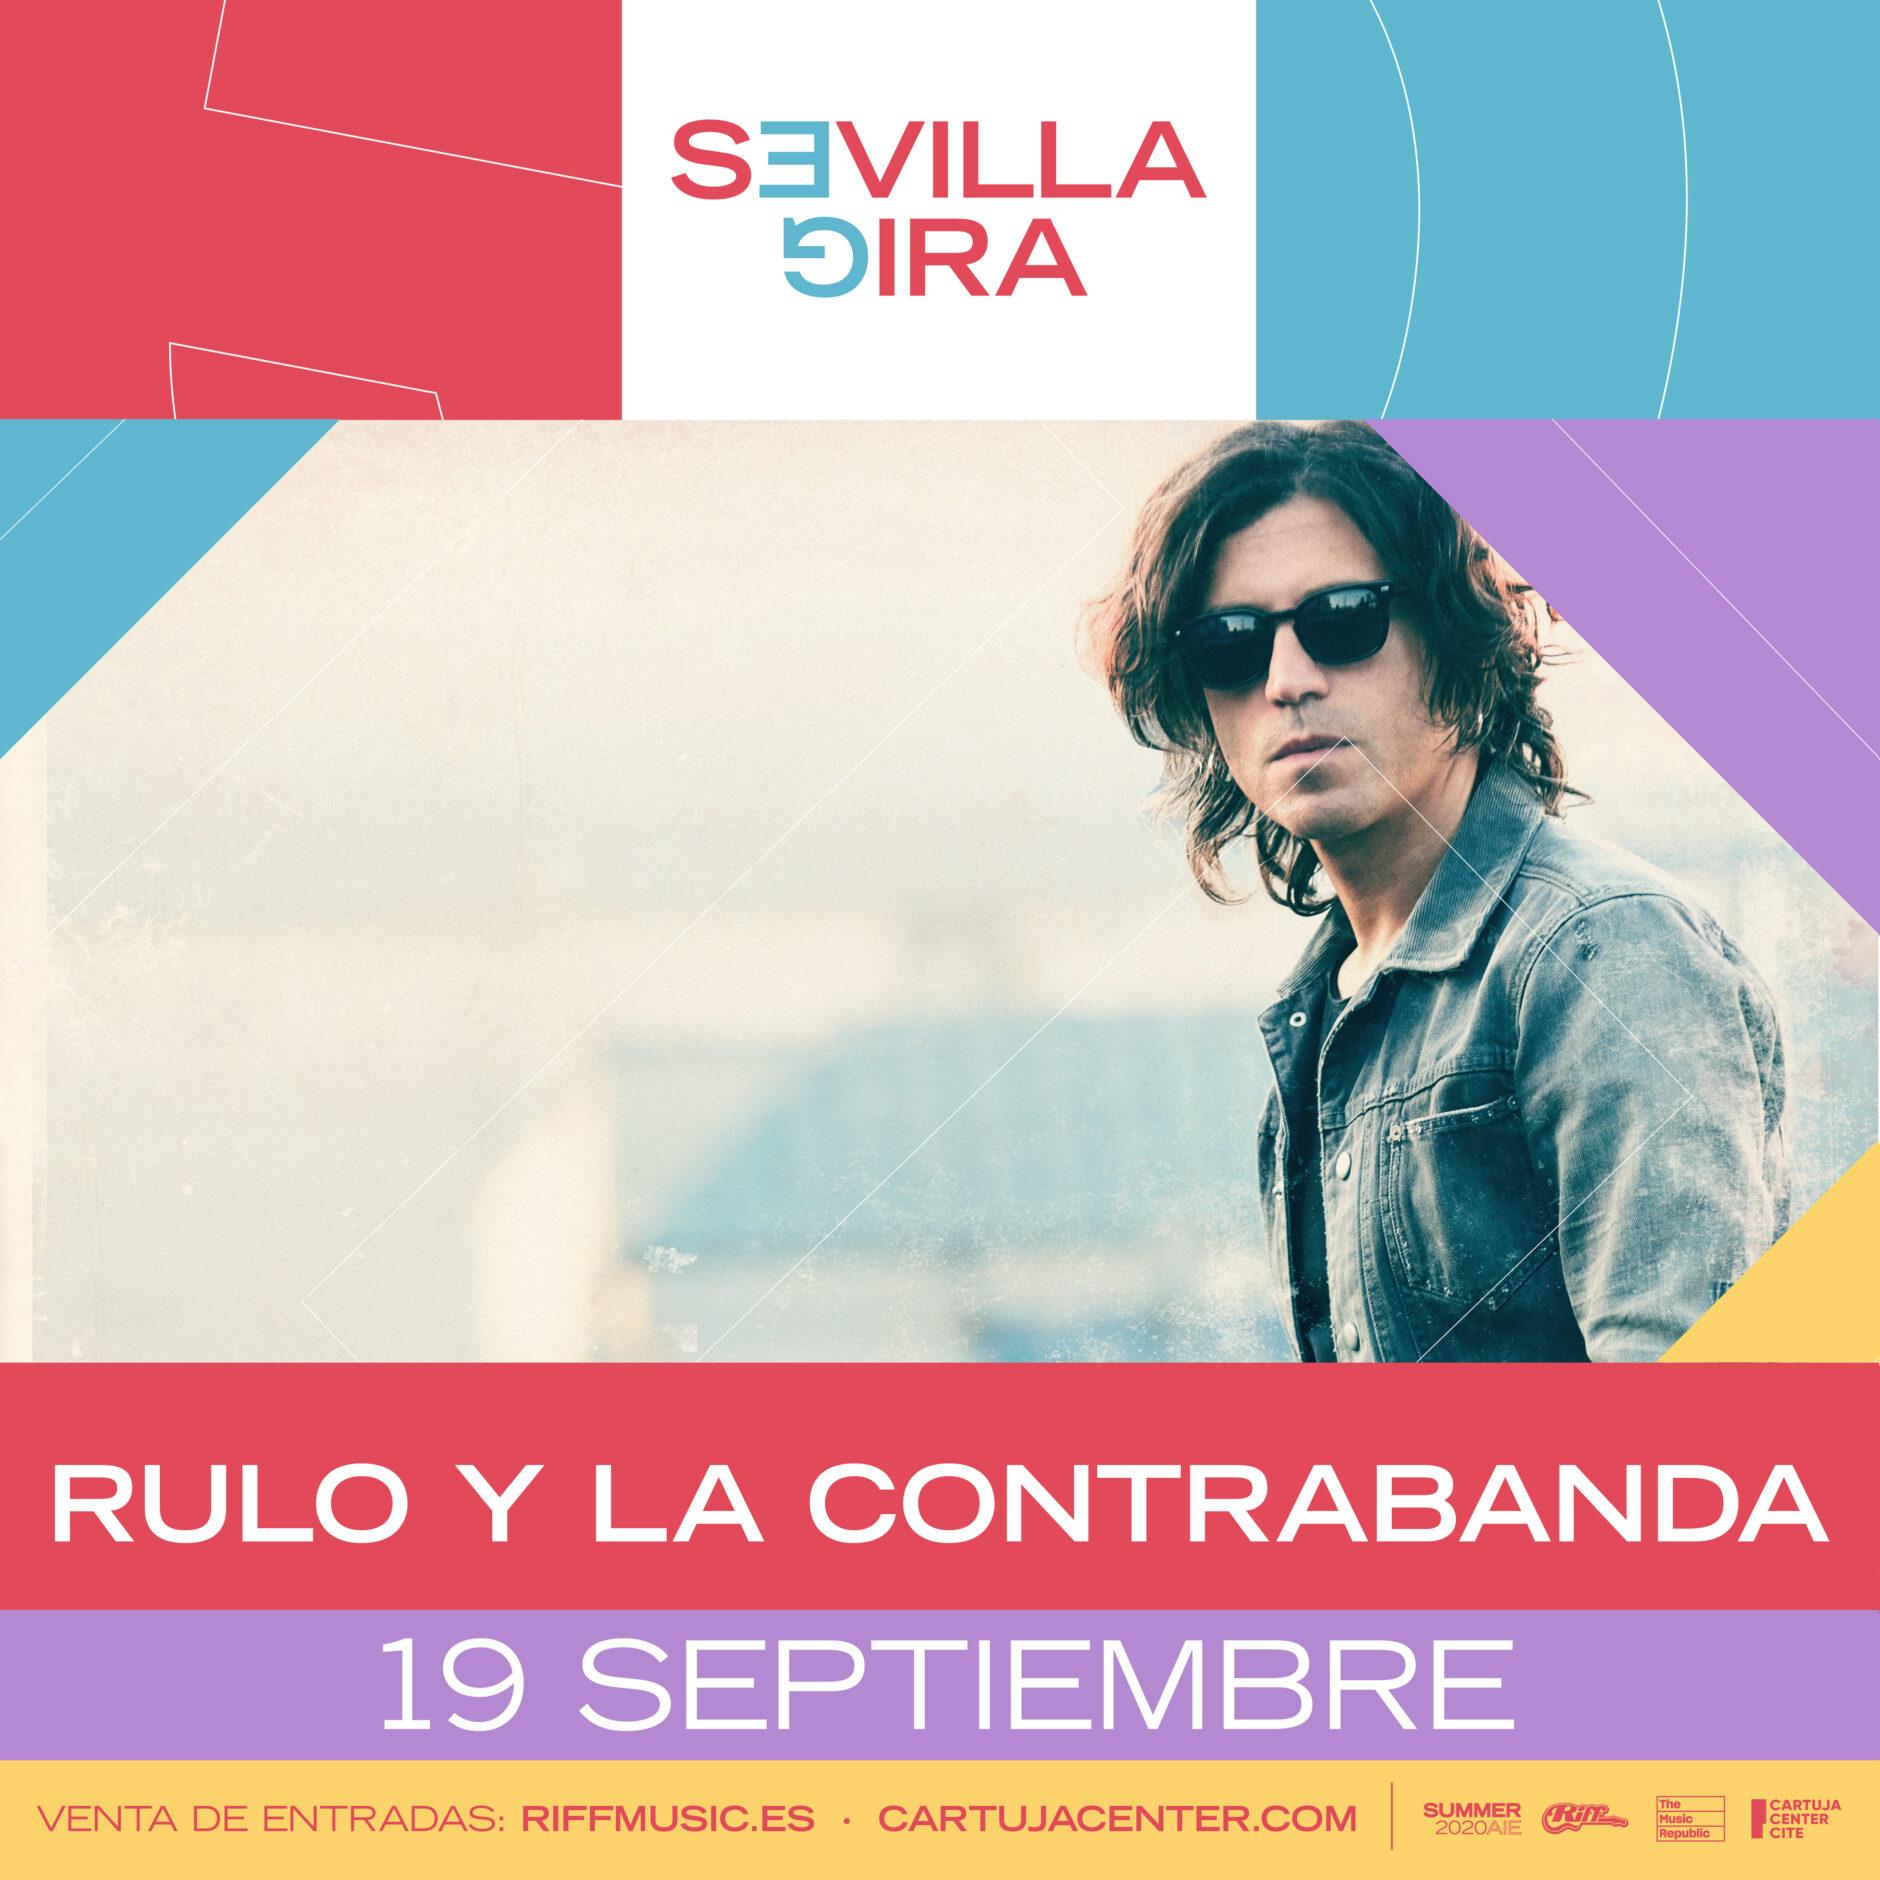 SEVILLA GIRA - RULO Y LA CONTRABANDA 1